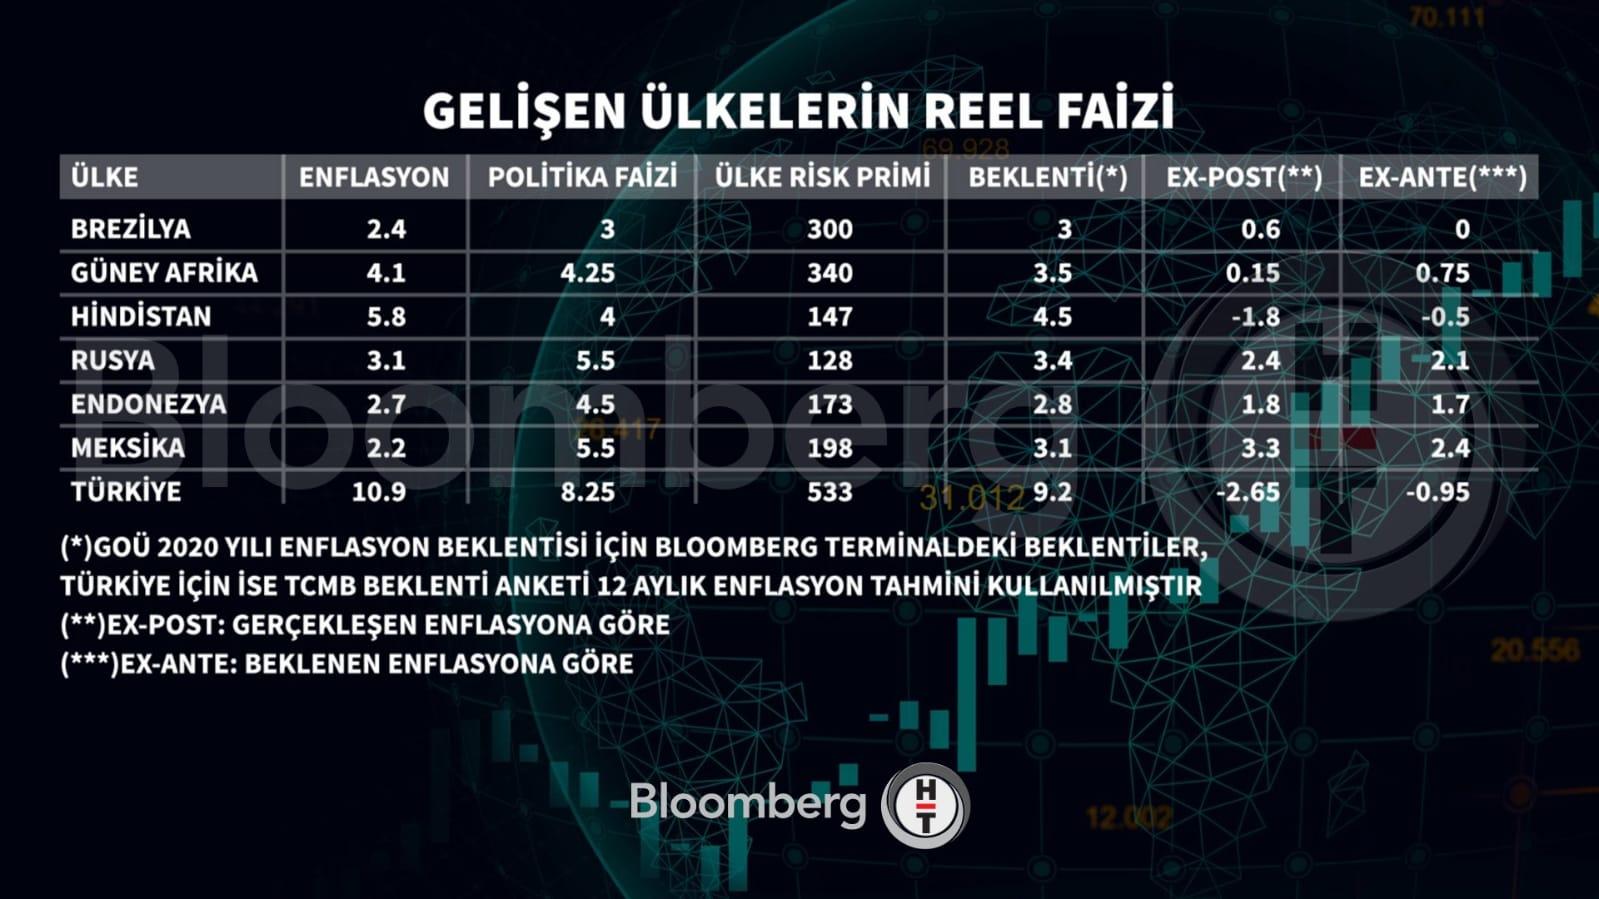 Türkiye Enflasyon ve Faiz Durumu